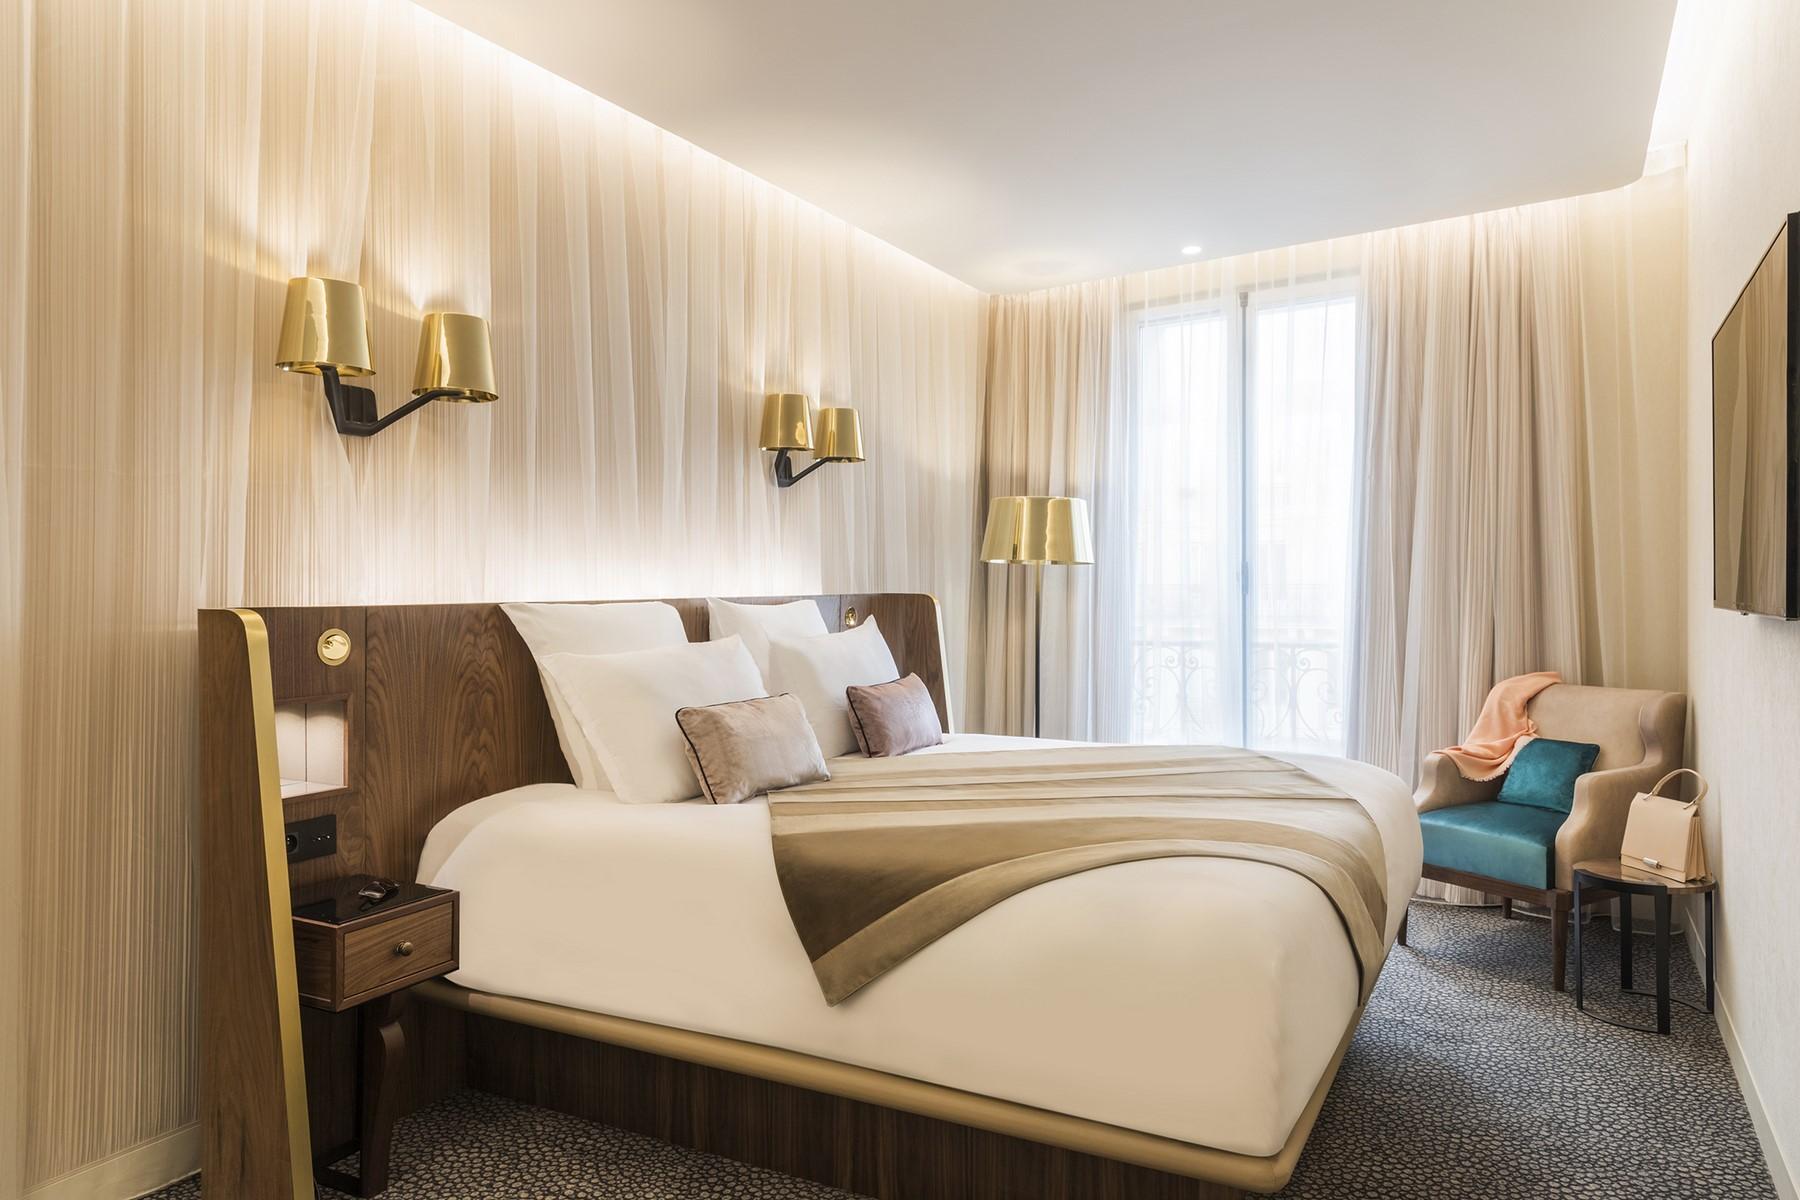 Maison Albar Hotel Paris Céline sur H´tel  Paris